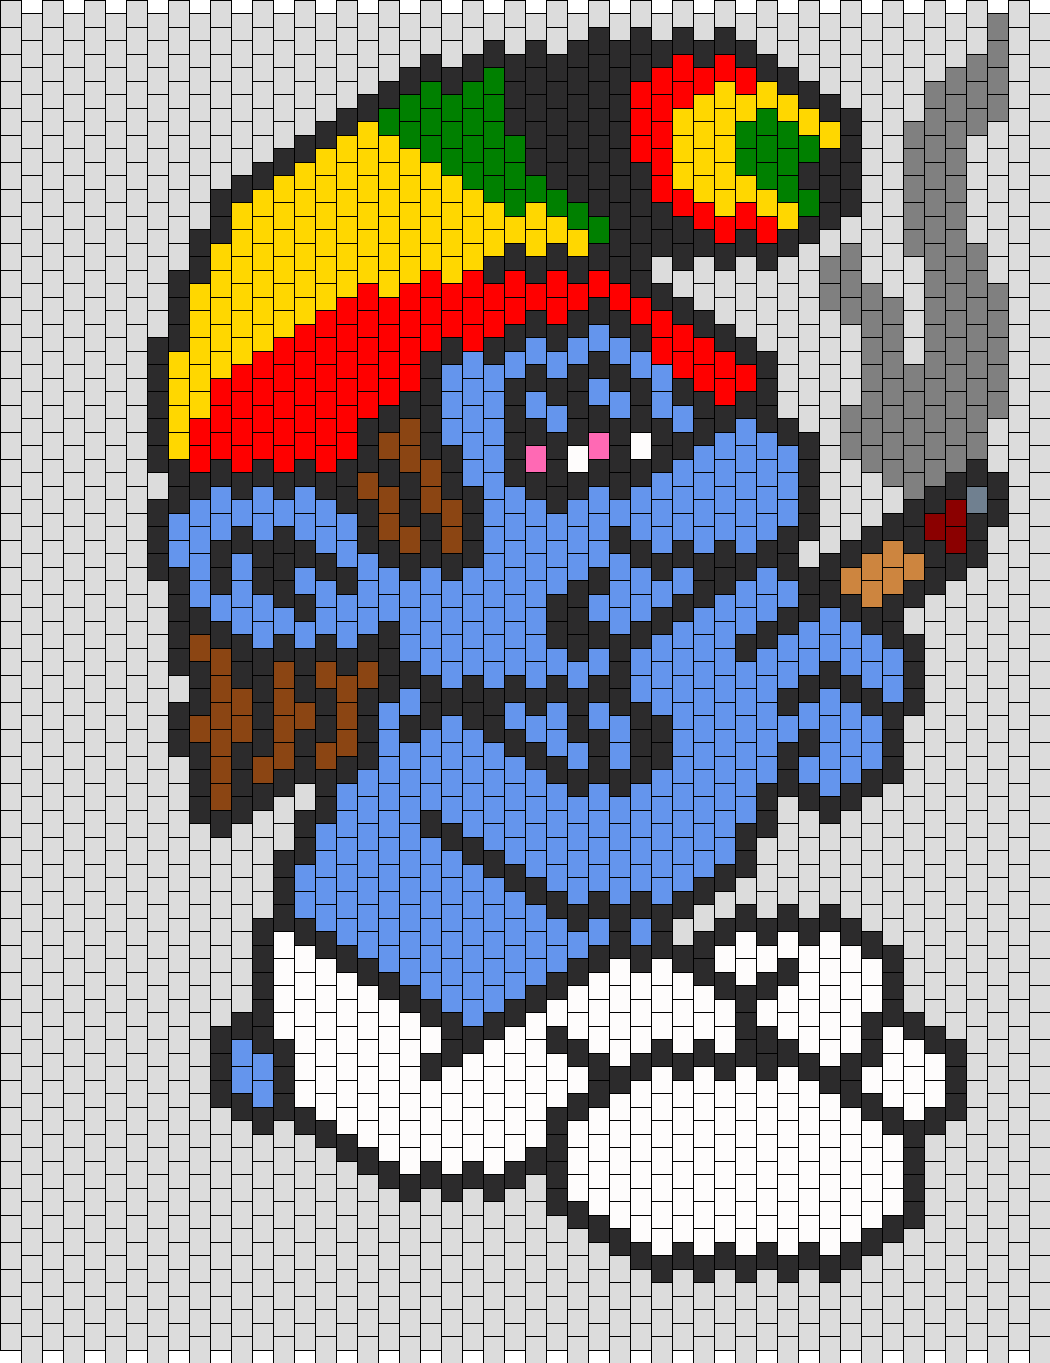 Rasta Smurf